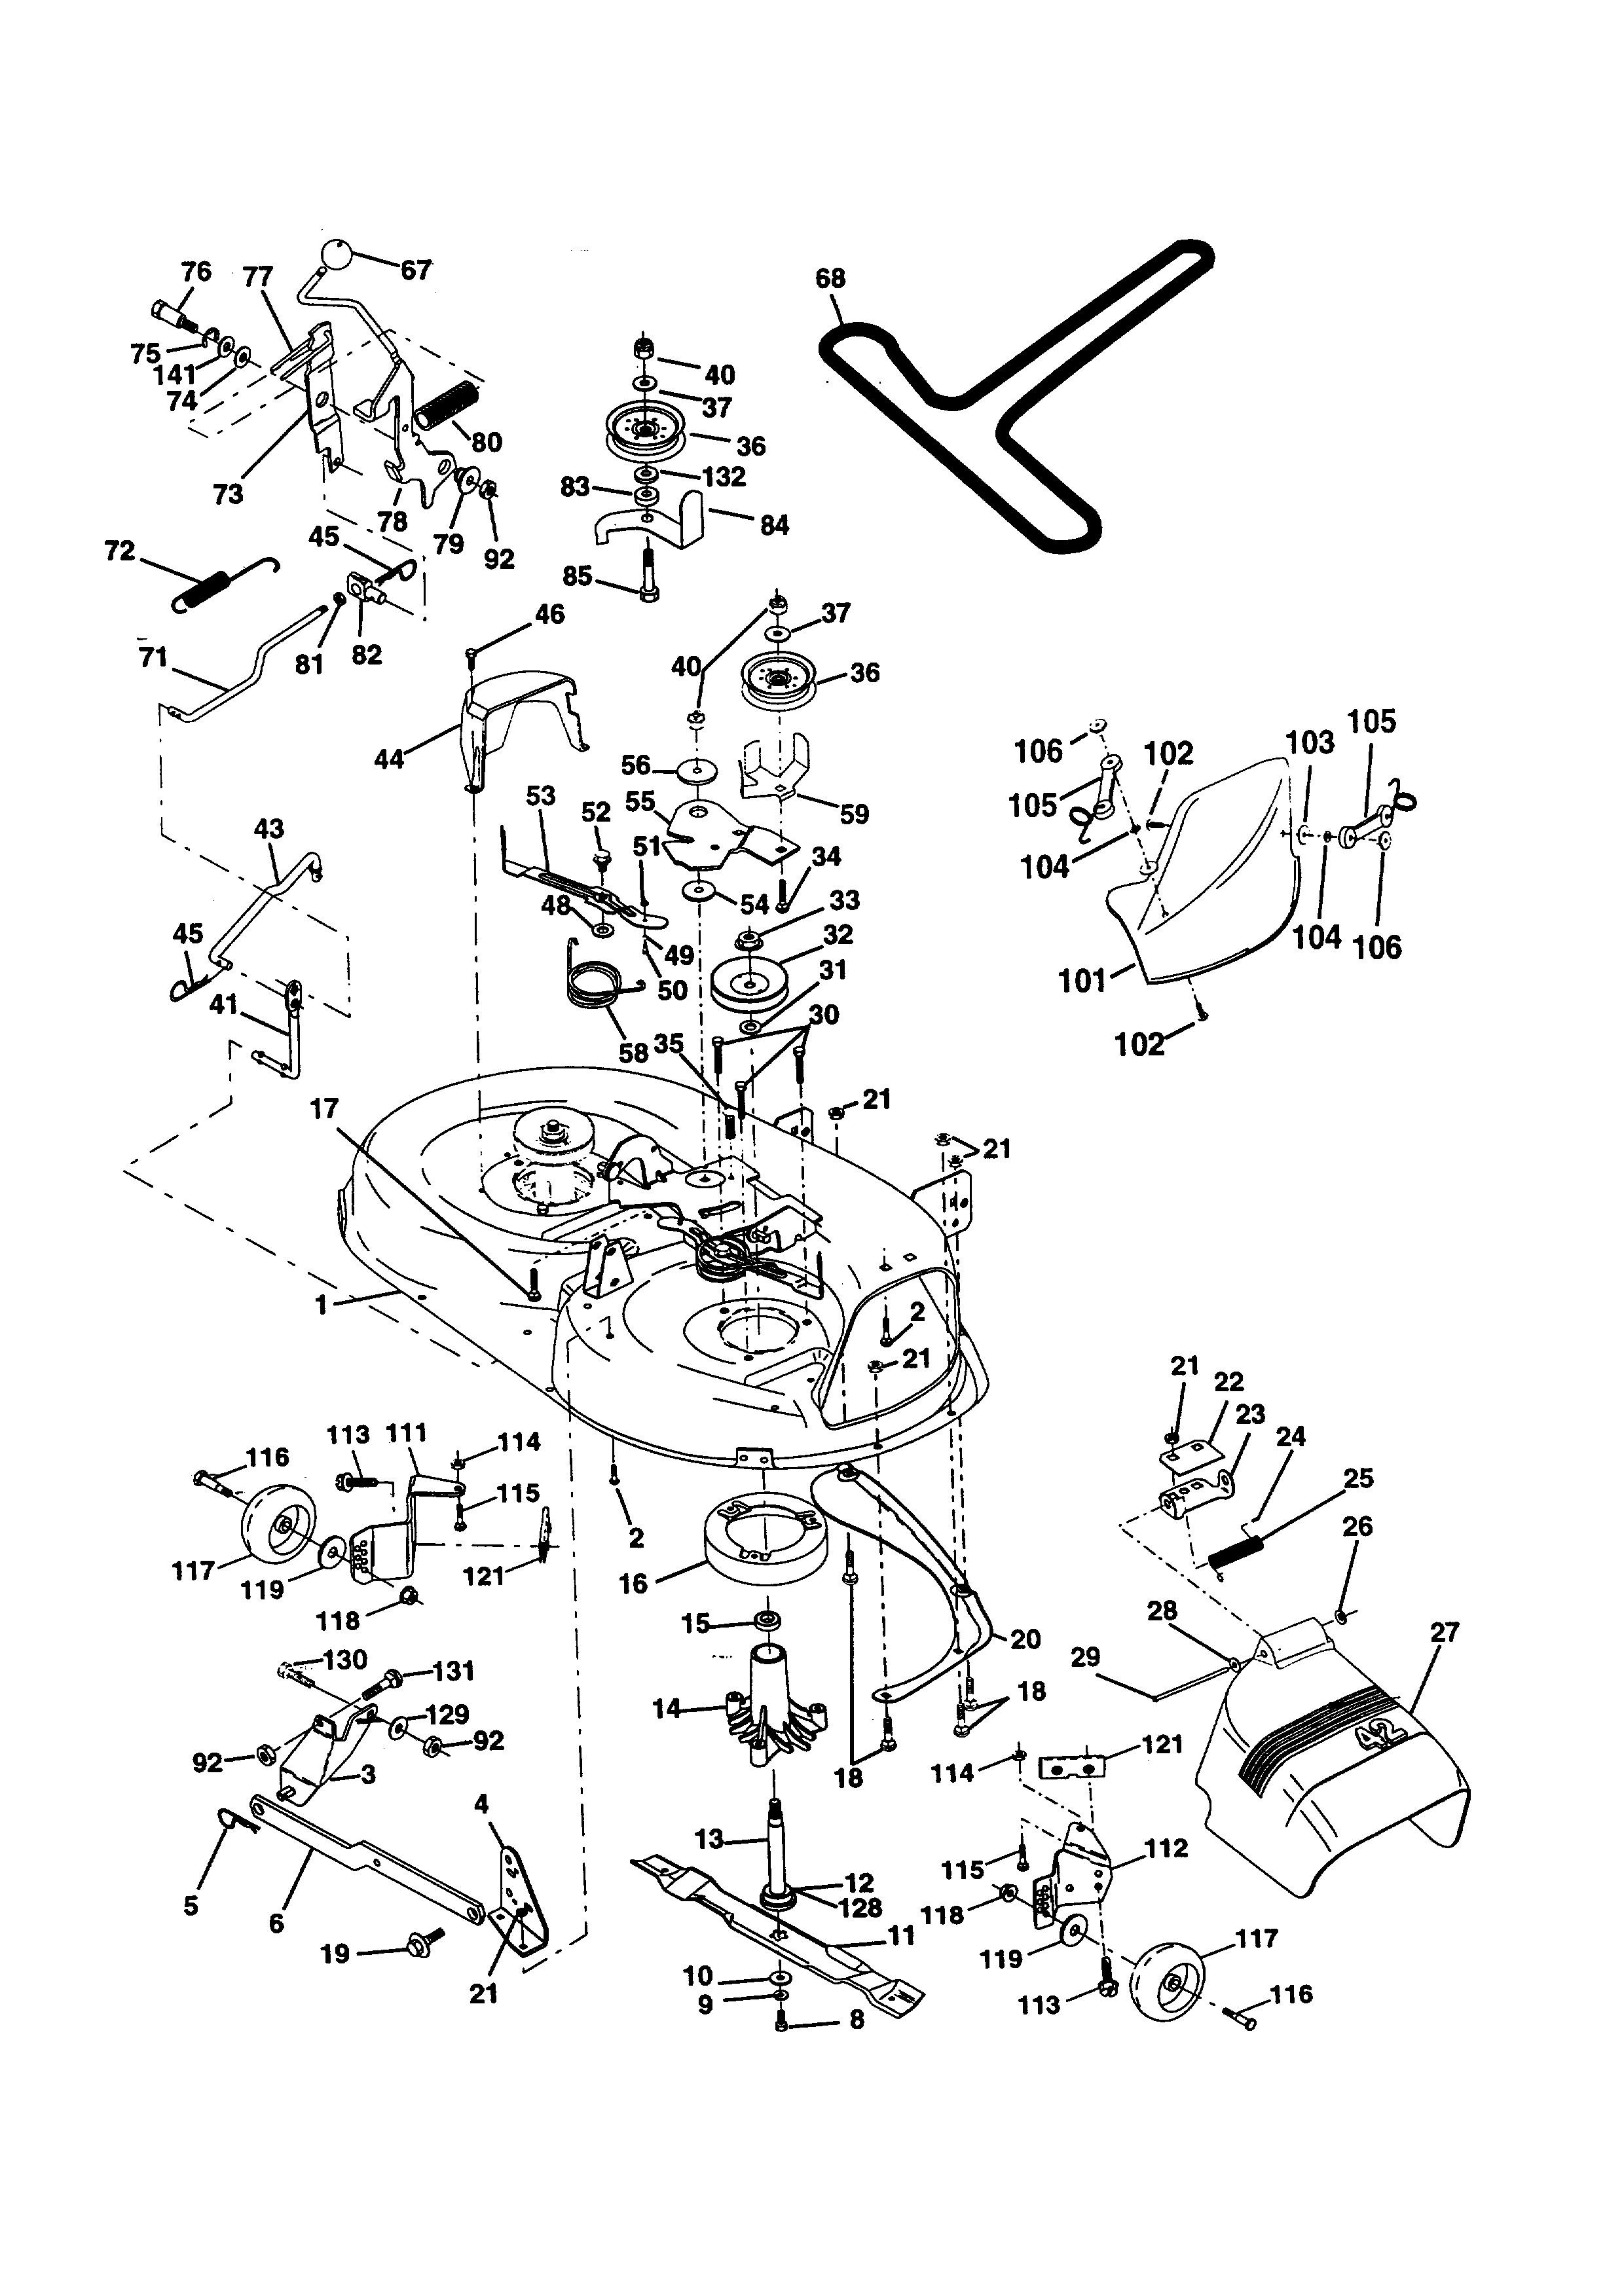 briggs and stratton 252707 diagram